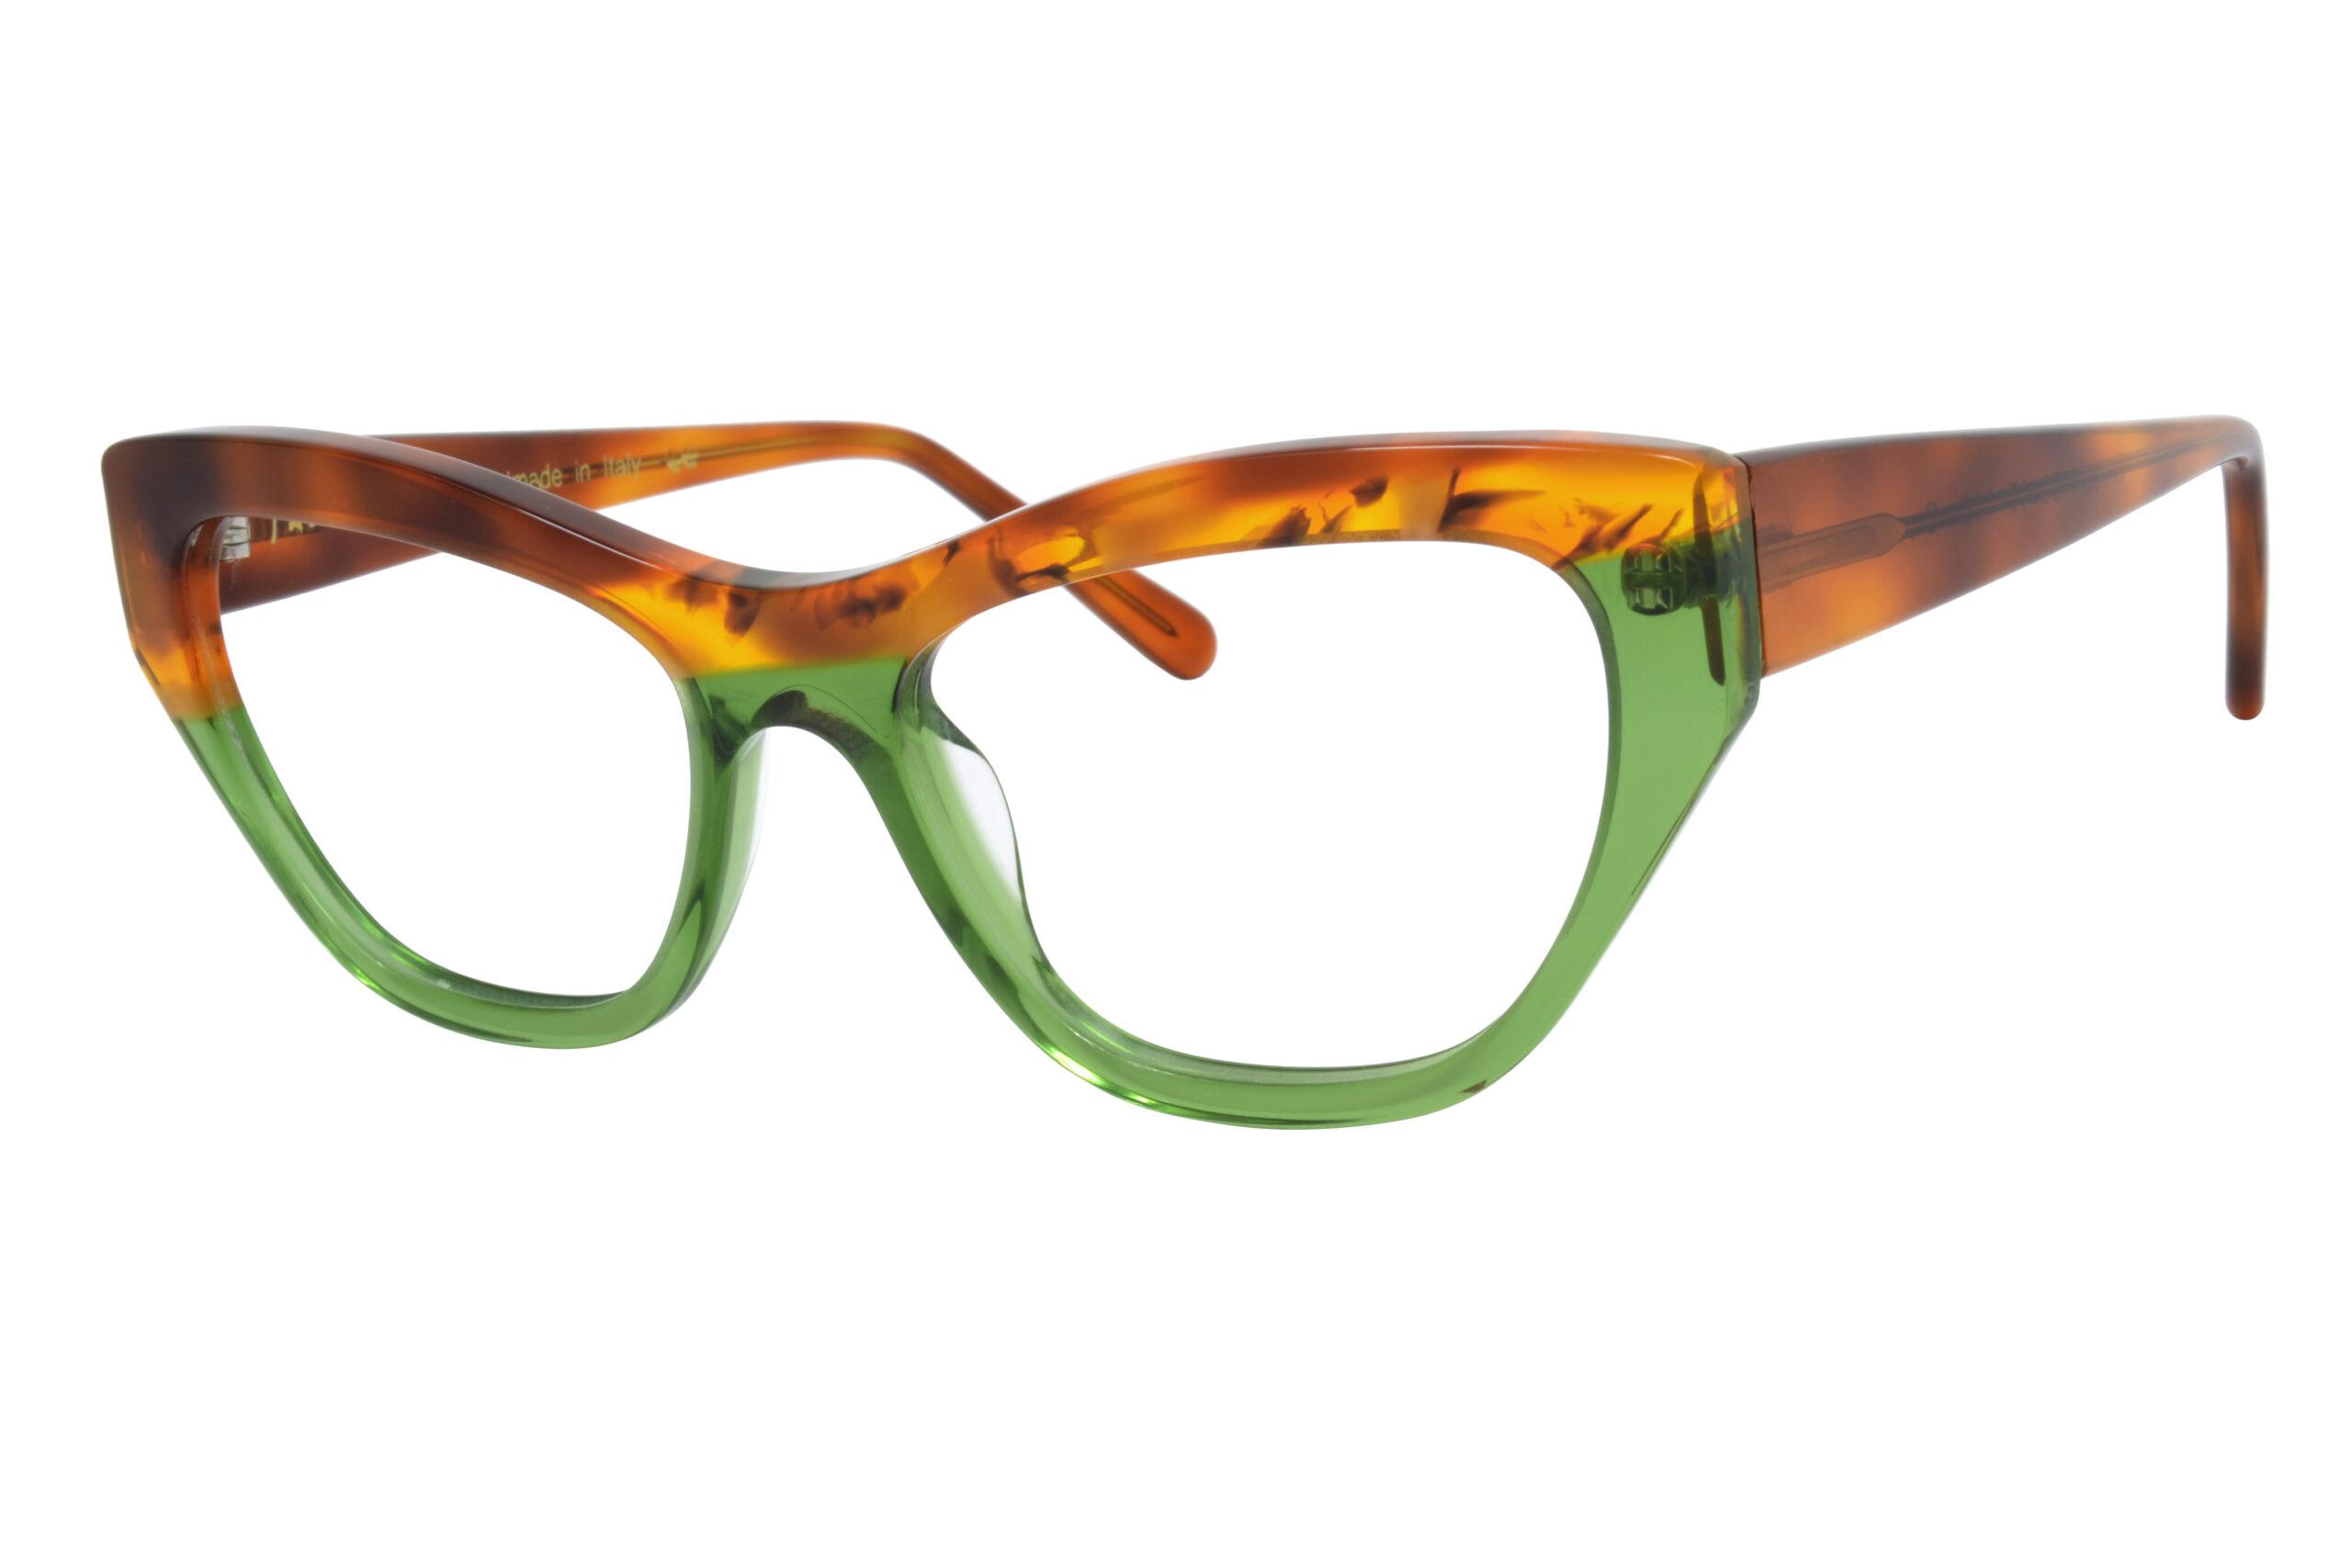 Dolabany Eyewear Firenze Occhiali Orvieto Green